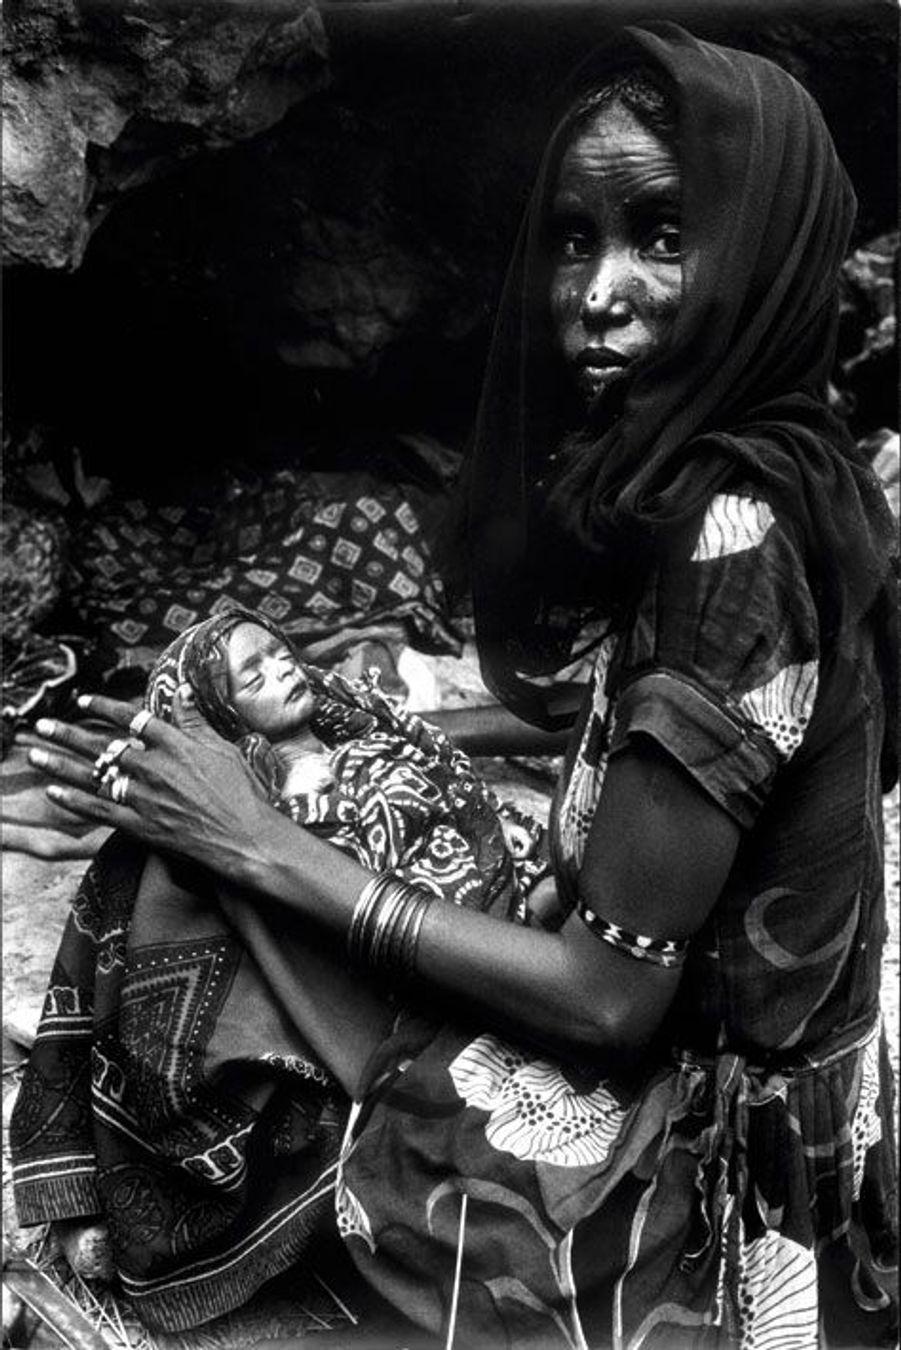 Erythrée, 1977. Une enfant meurt sous le regard impuissant de sa mère. La province éthiopienne qui borde la mer Rouge est en guerre contre le pouvoir central.